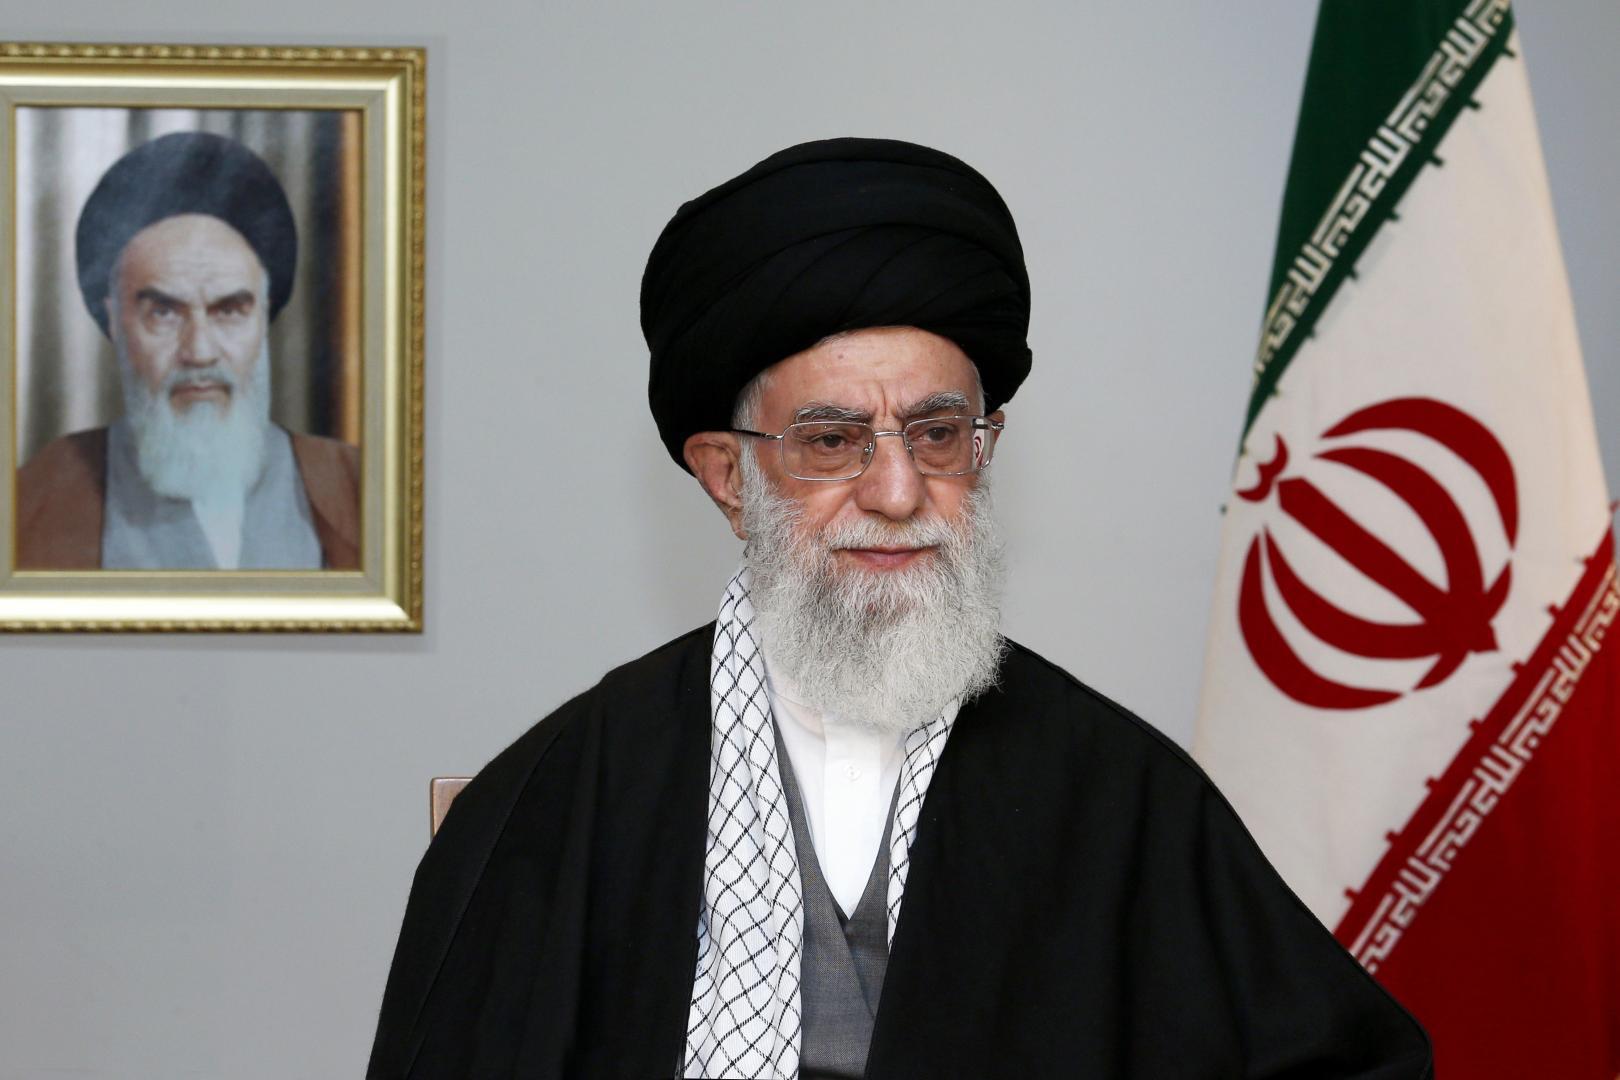 Liderul-suprem-iranian-Ali-Khamenei-amenință-SUA